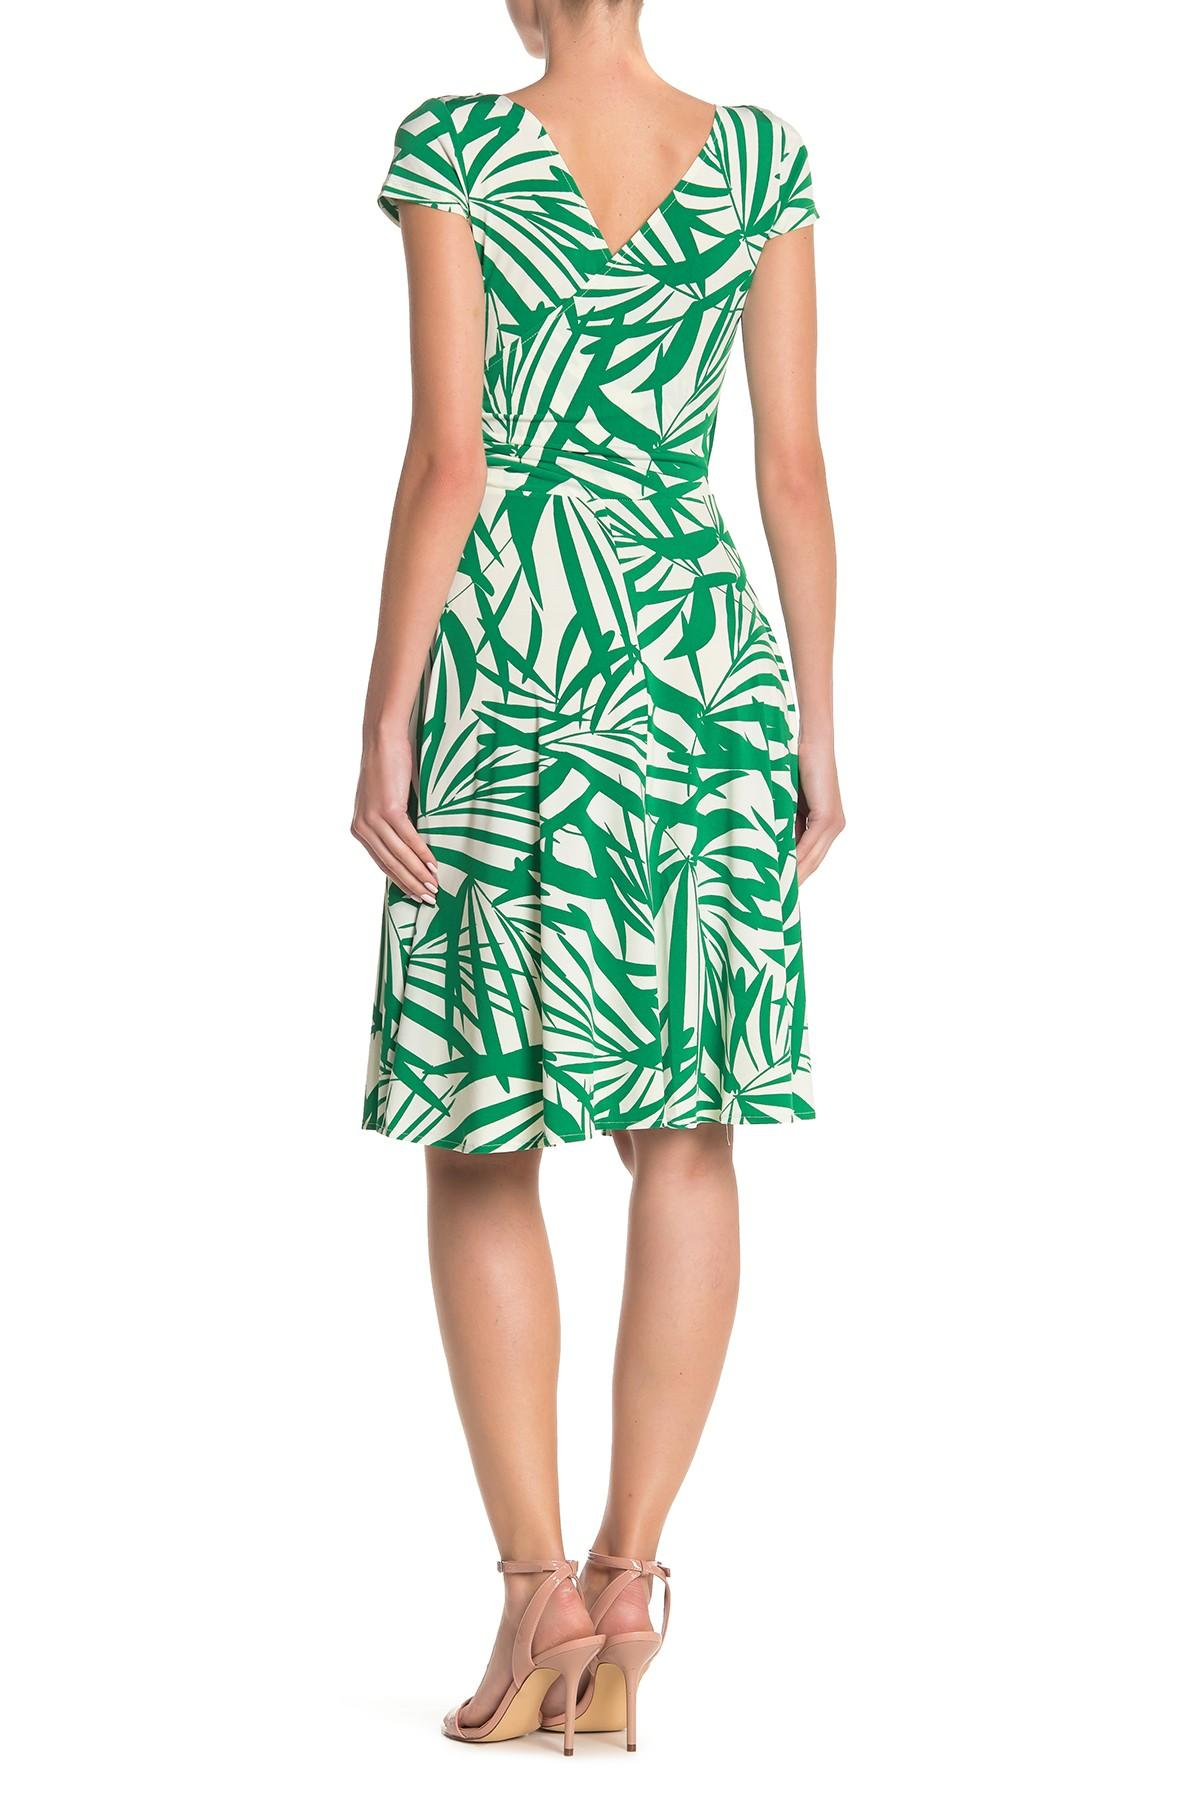 La Maison De Maggy Bondues palm leaf print faux wrap cap sleeve dress